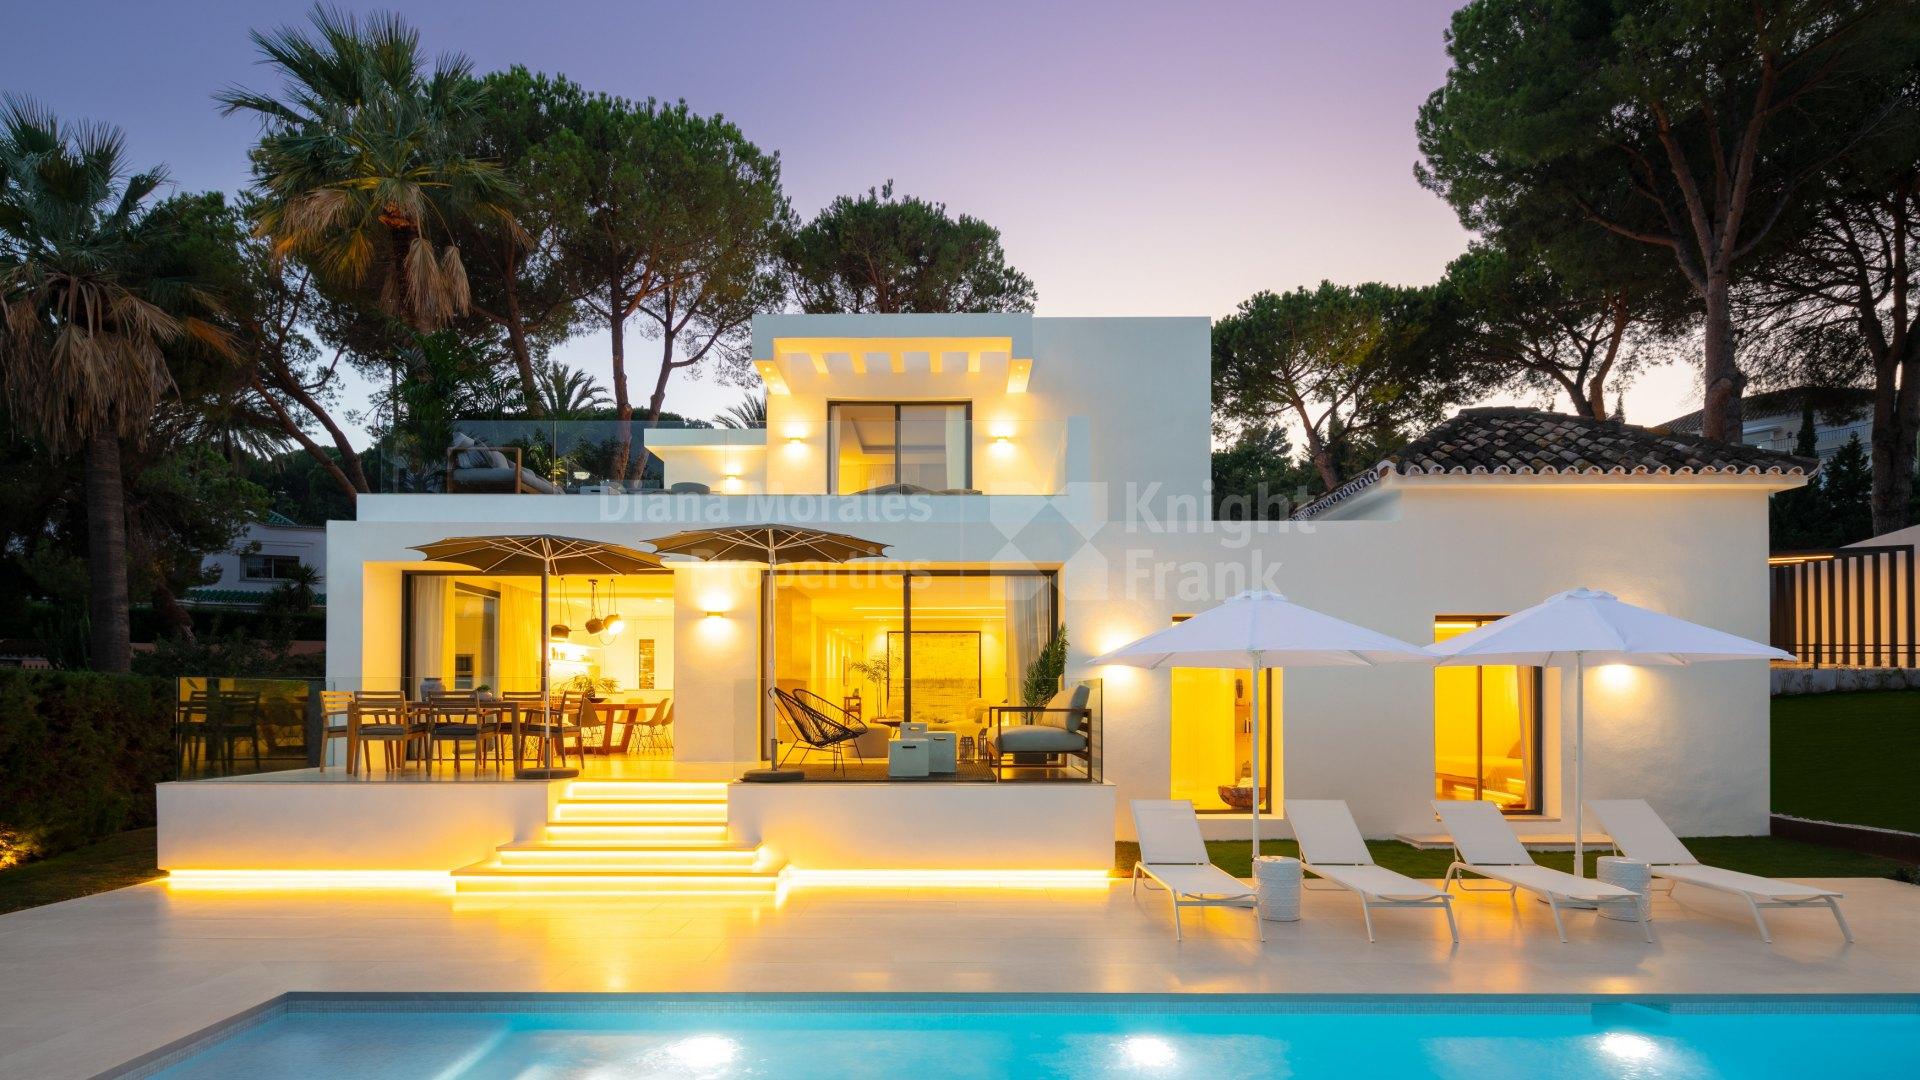 Contemporary style villa in las brisas